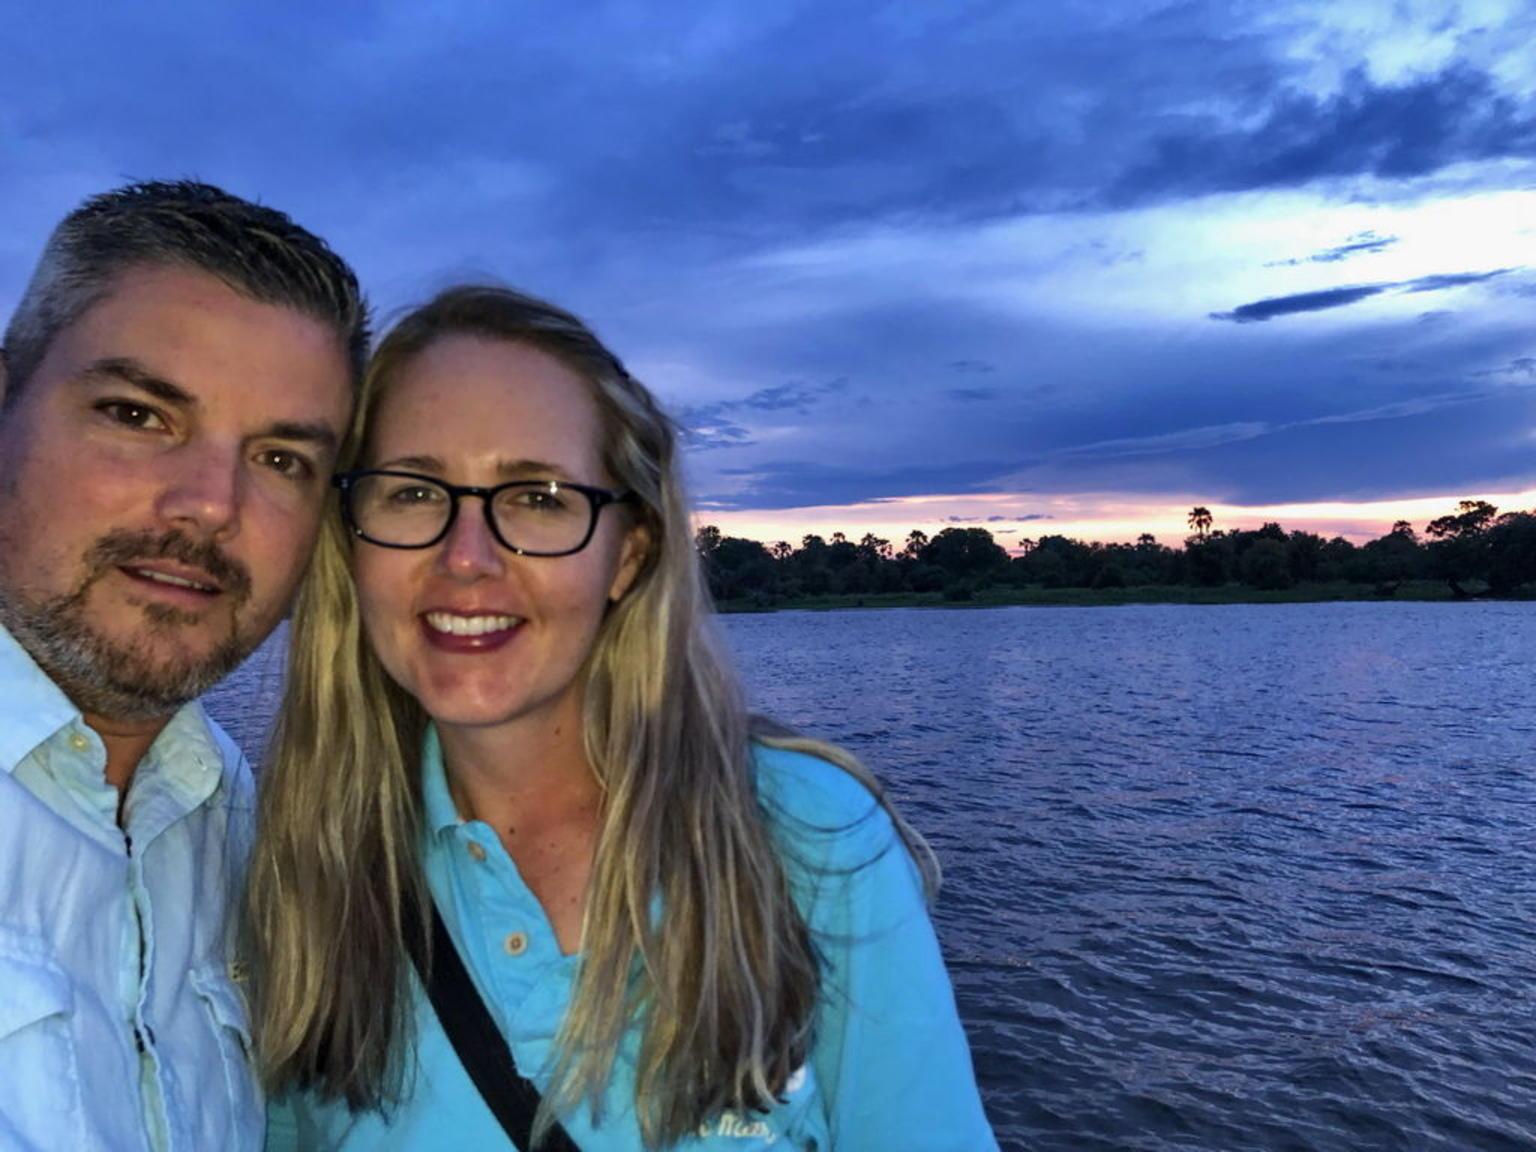 MÁS FOTOS, Crucero con cena por el río Zambezi